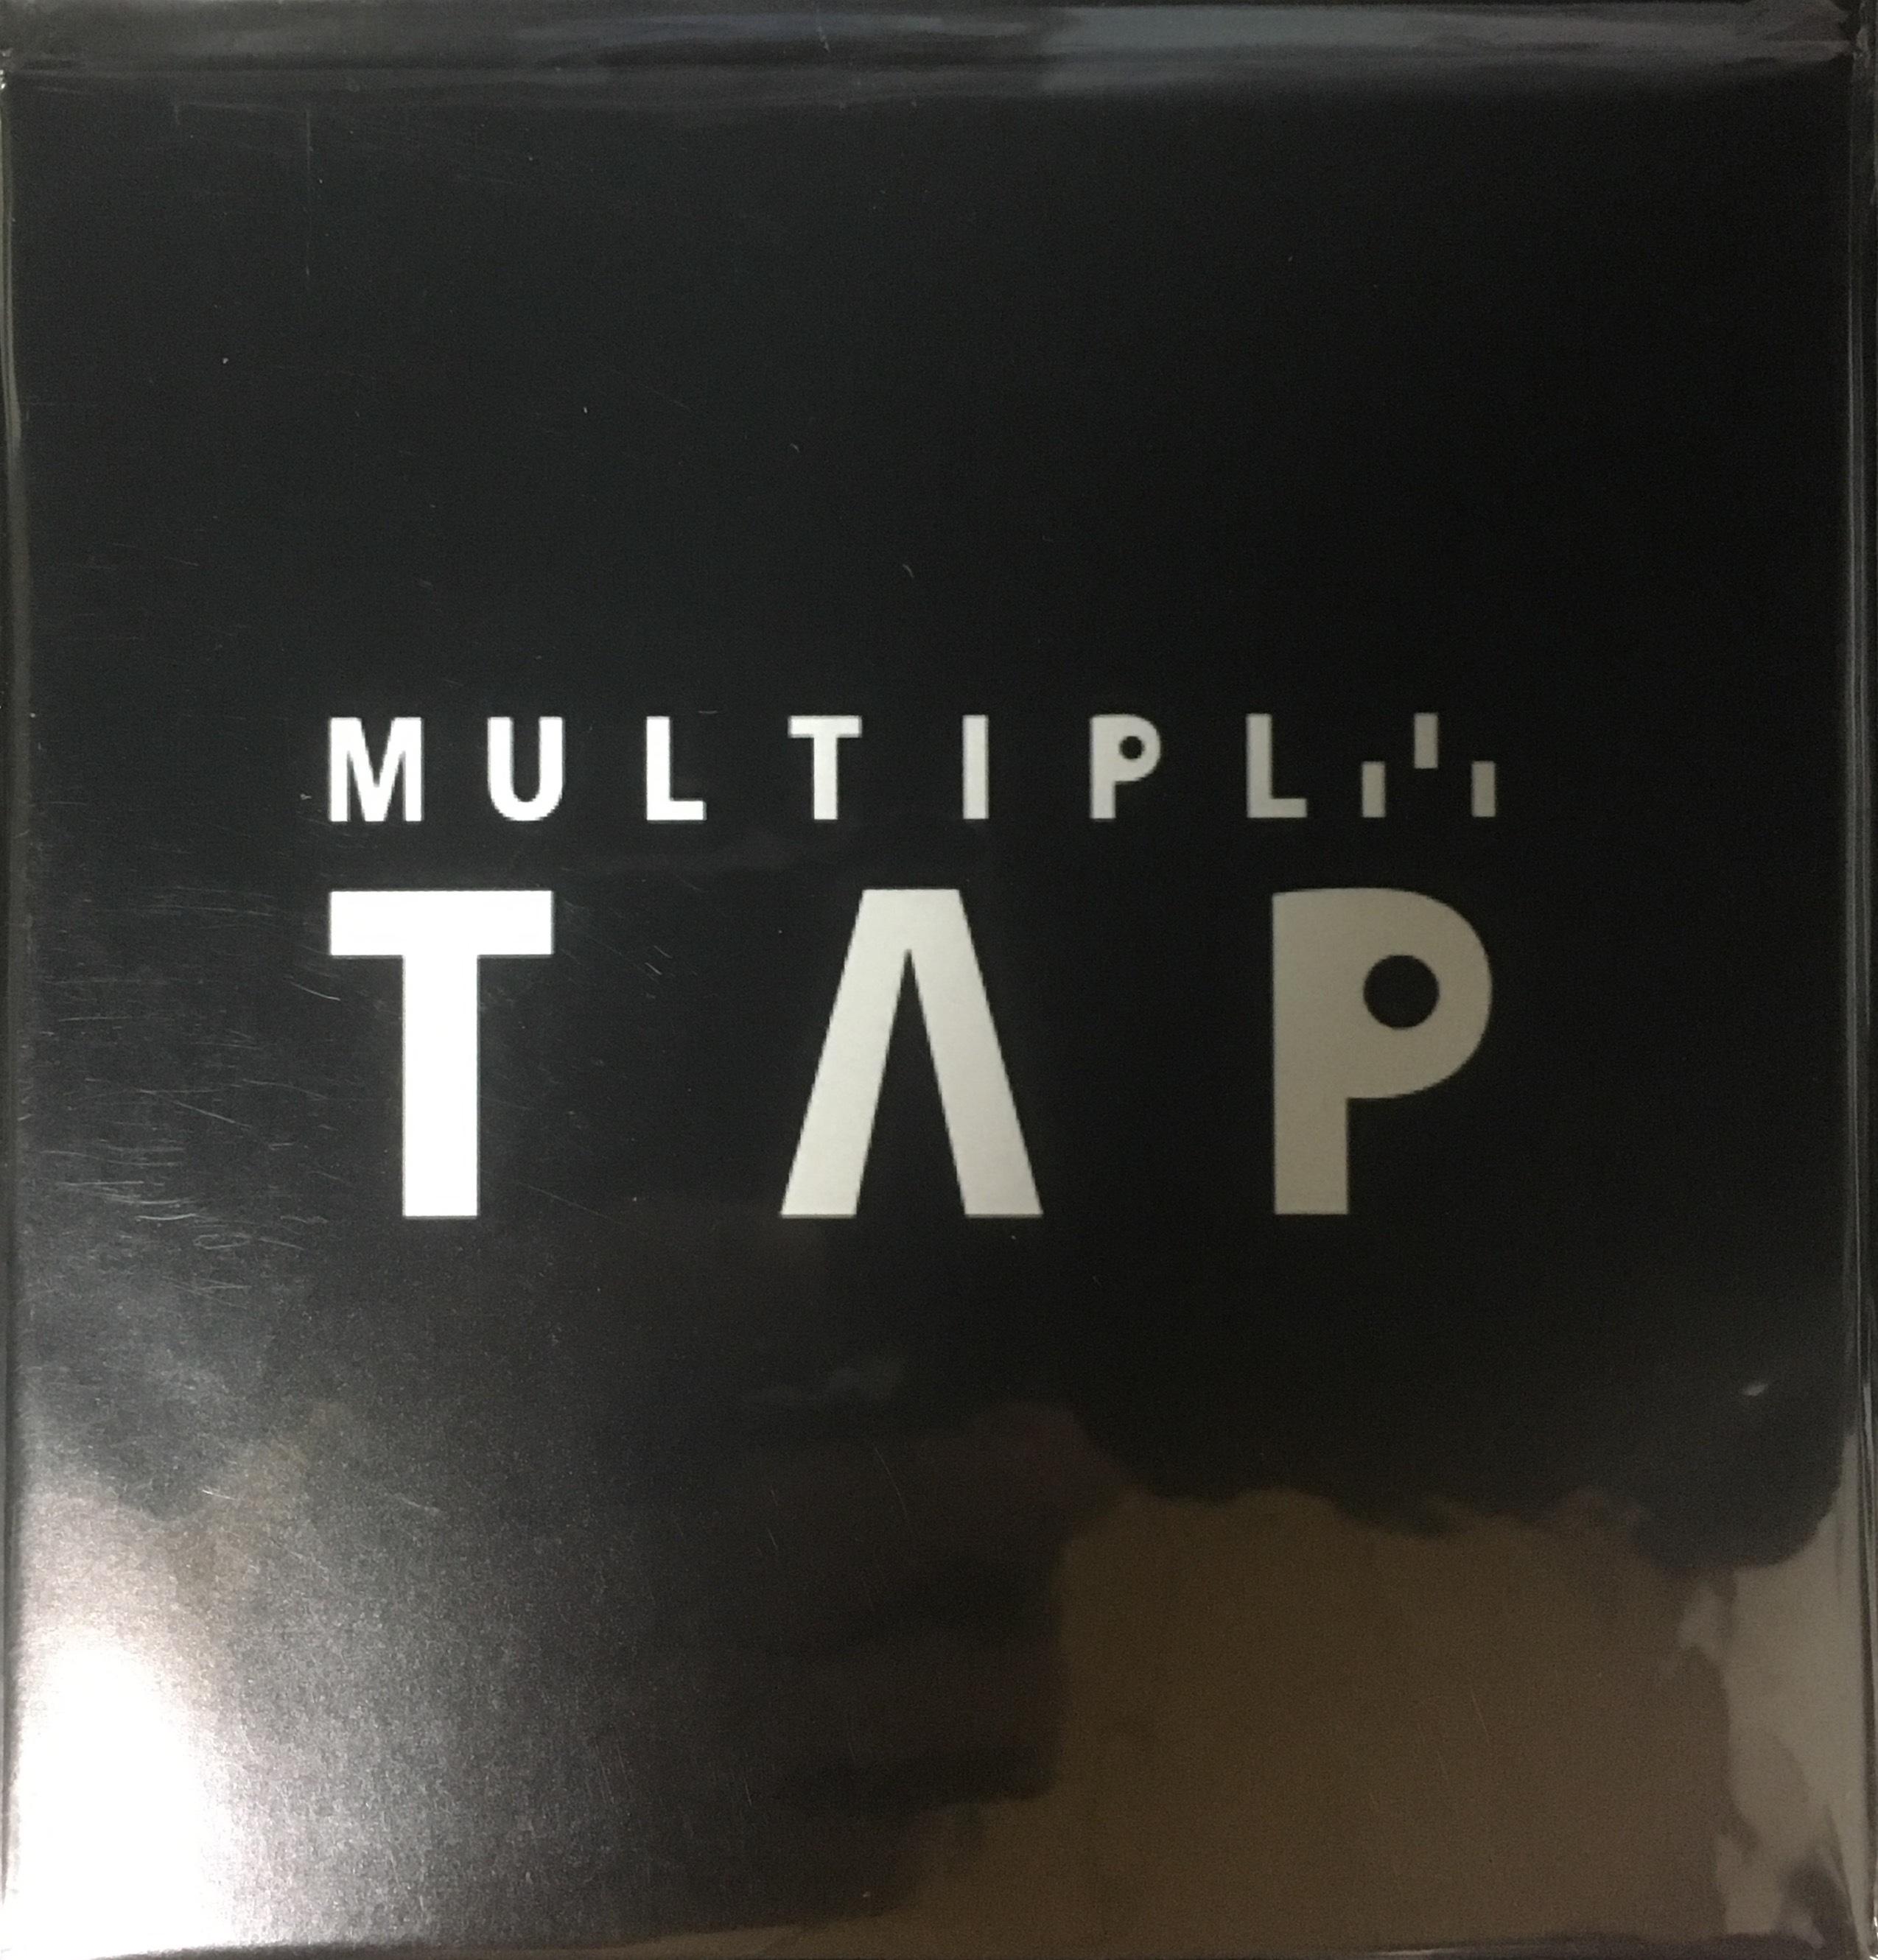 VA / MALTIPLETAP 5 (CD)